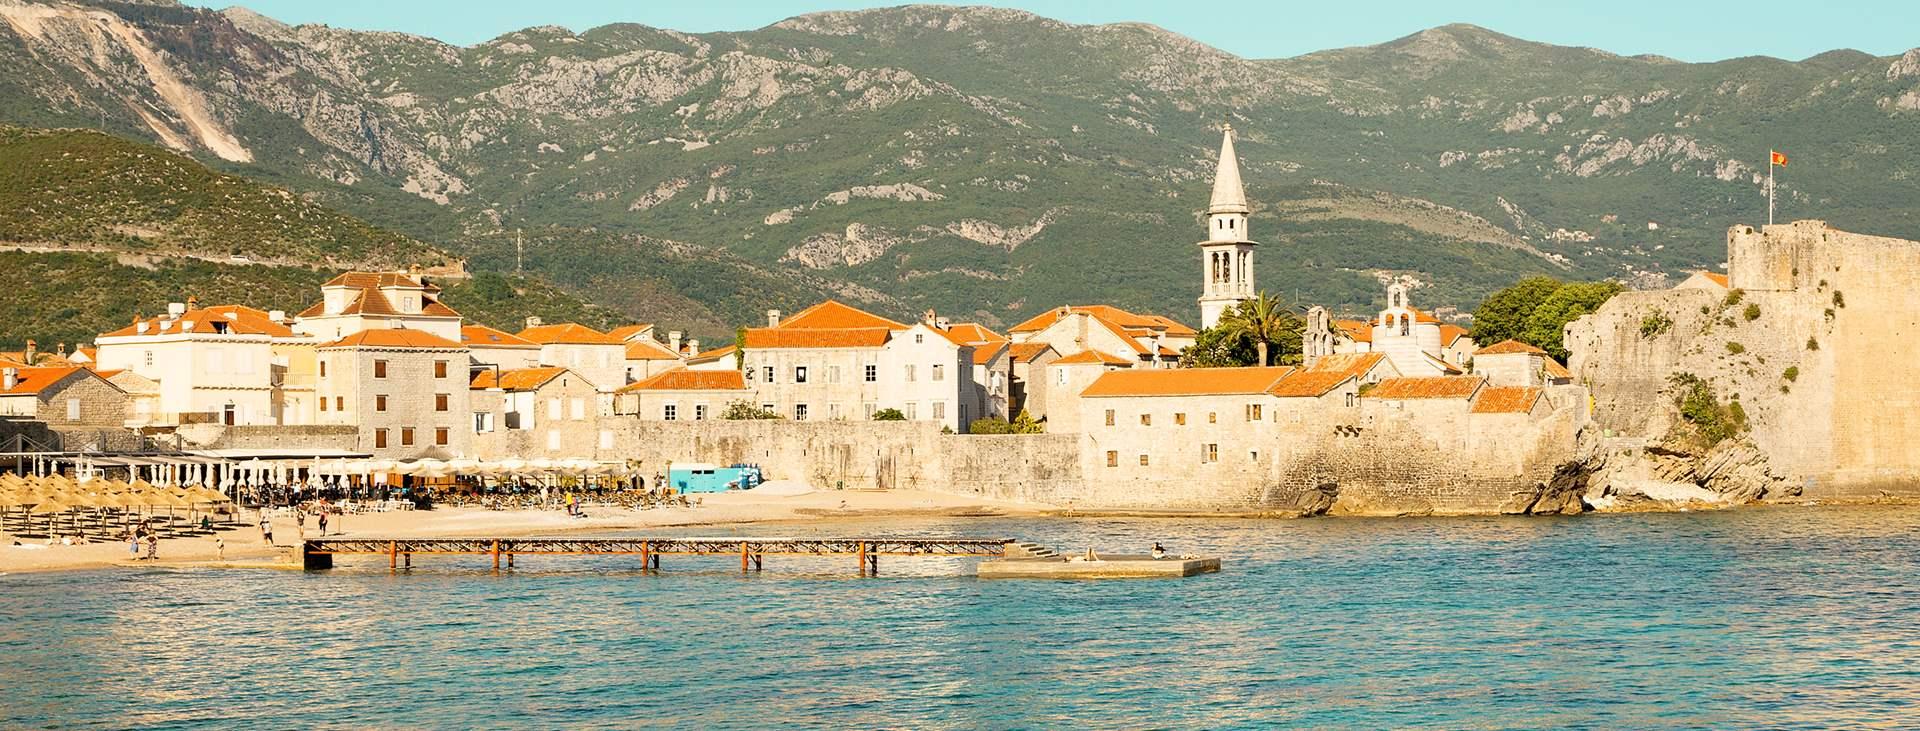 Bestill en reise med fly og hotell til Montenegro